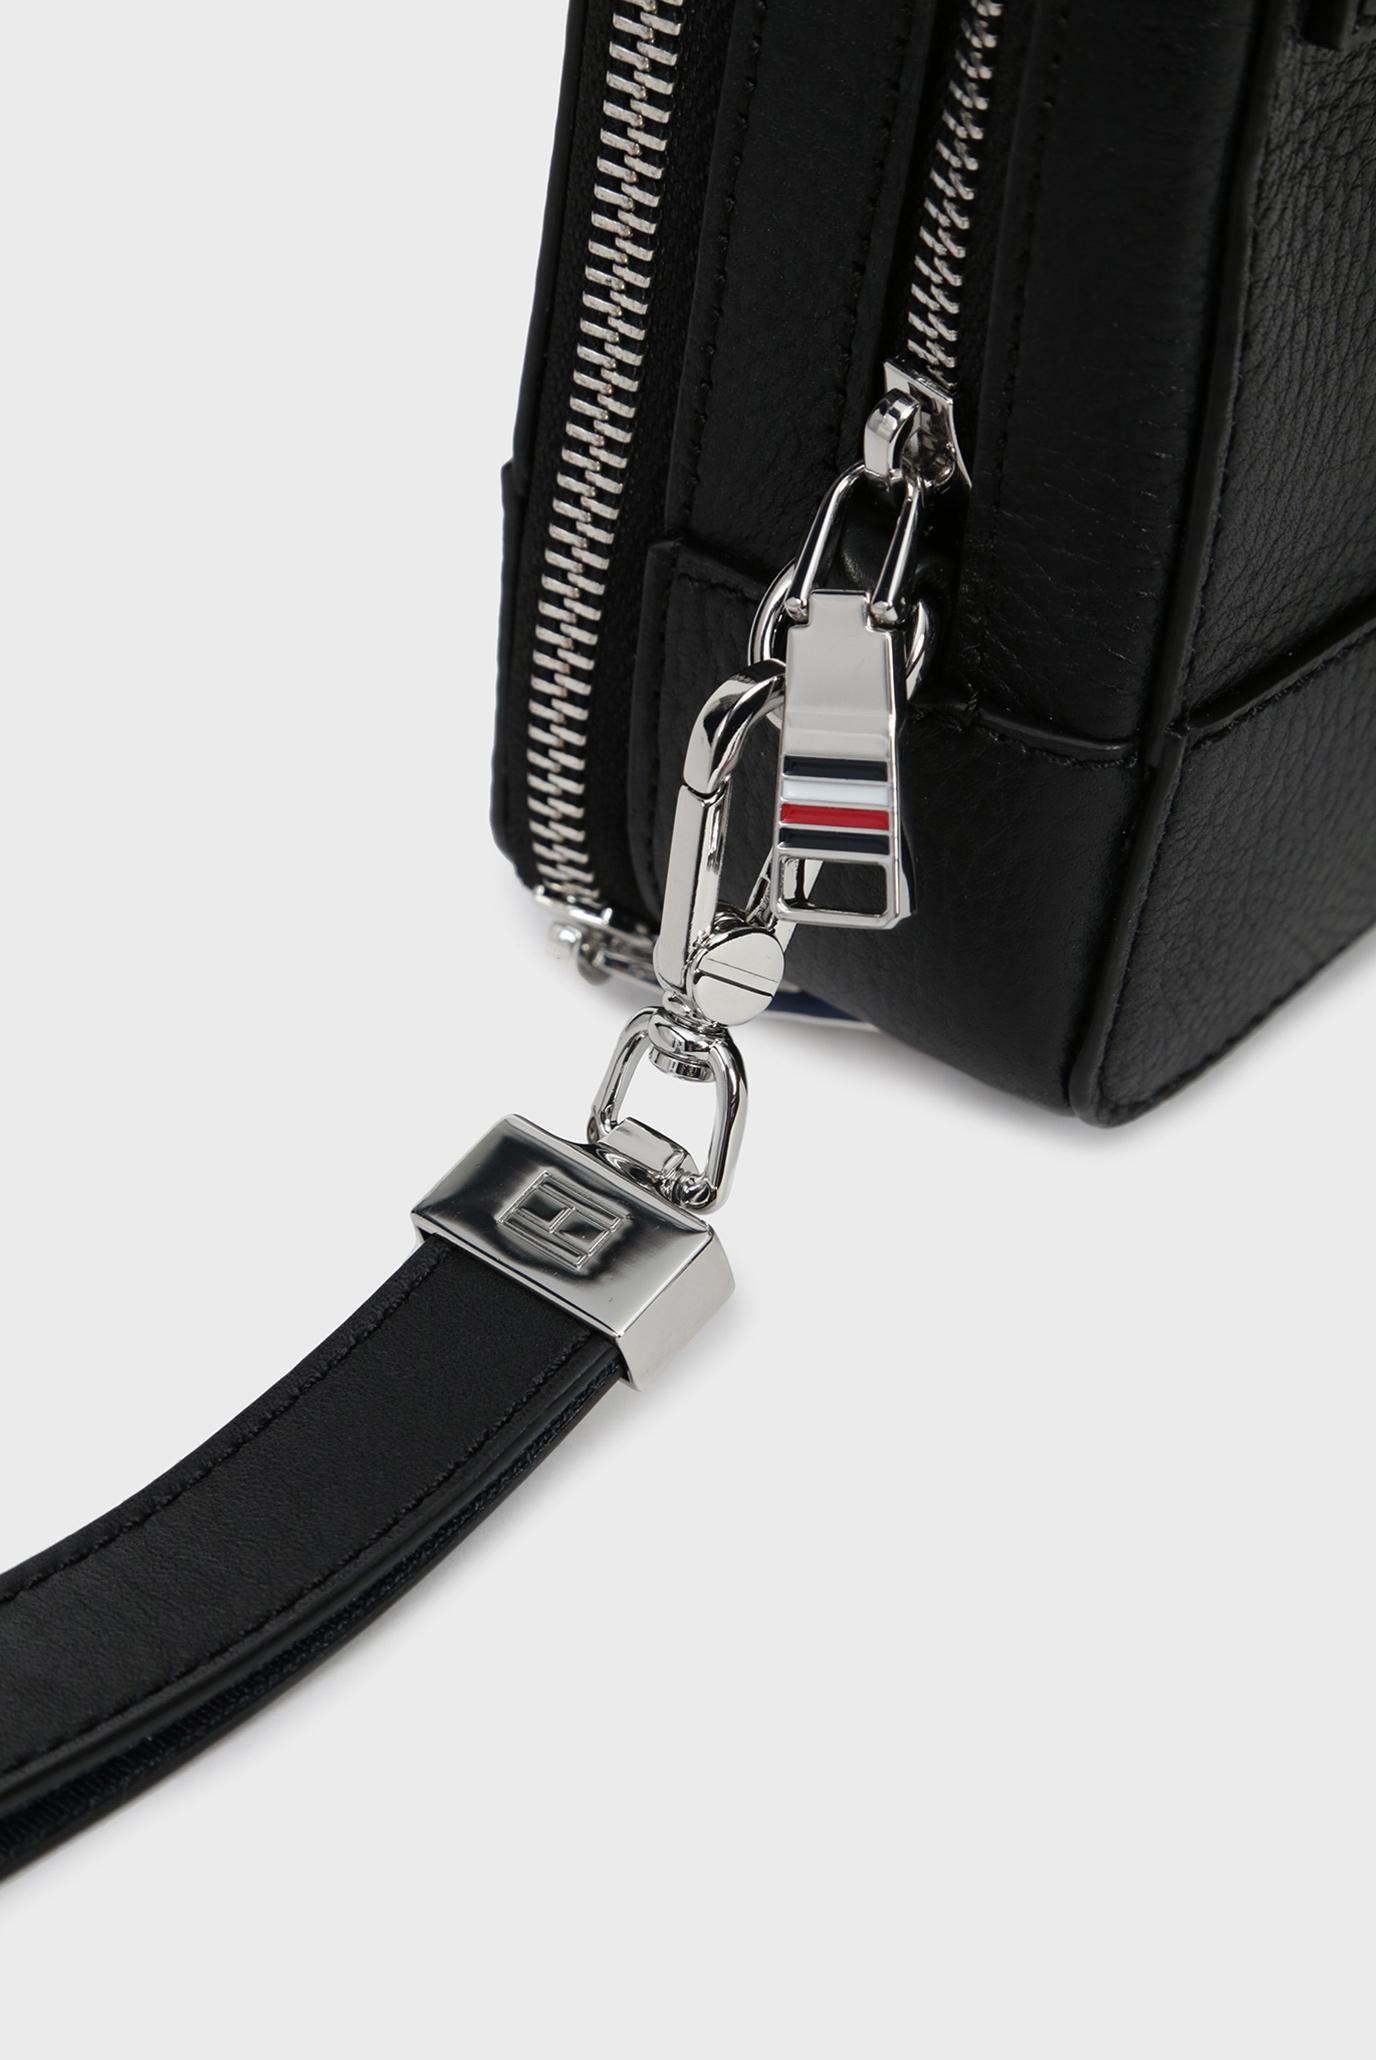 Купить Мужской черный кожаный несессер CORPORATE LEATHER MONEY BAG Tommy Hilfiger Tommy Hilfiger AM0AM04817 – Киев, Украина. Цены в интернет магазине MD Fashion